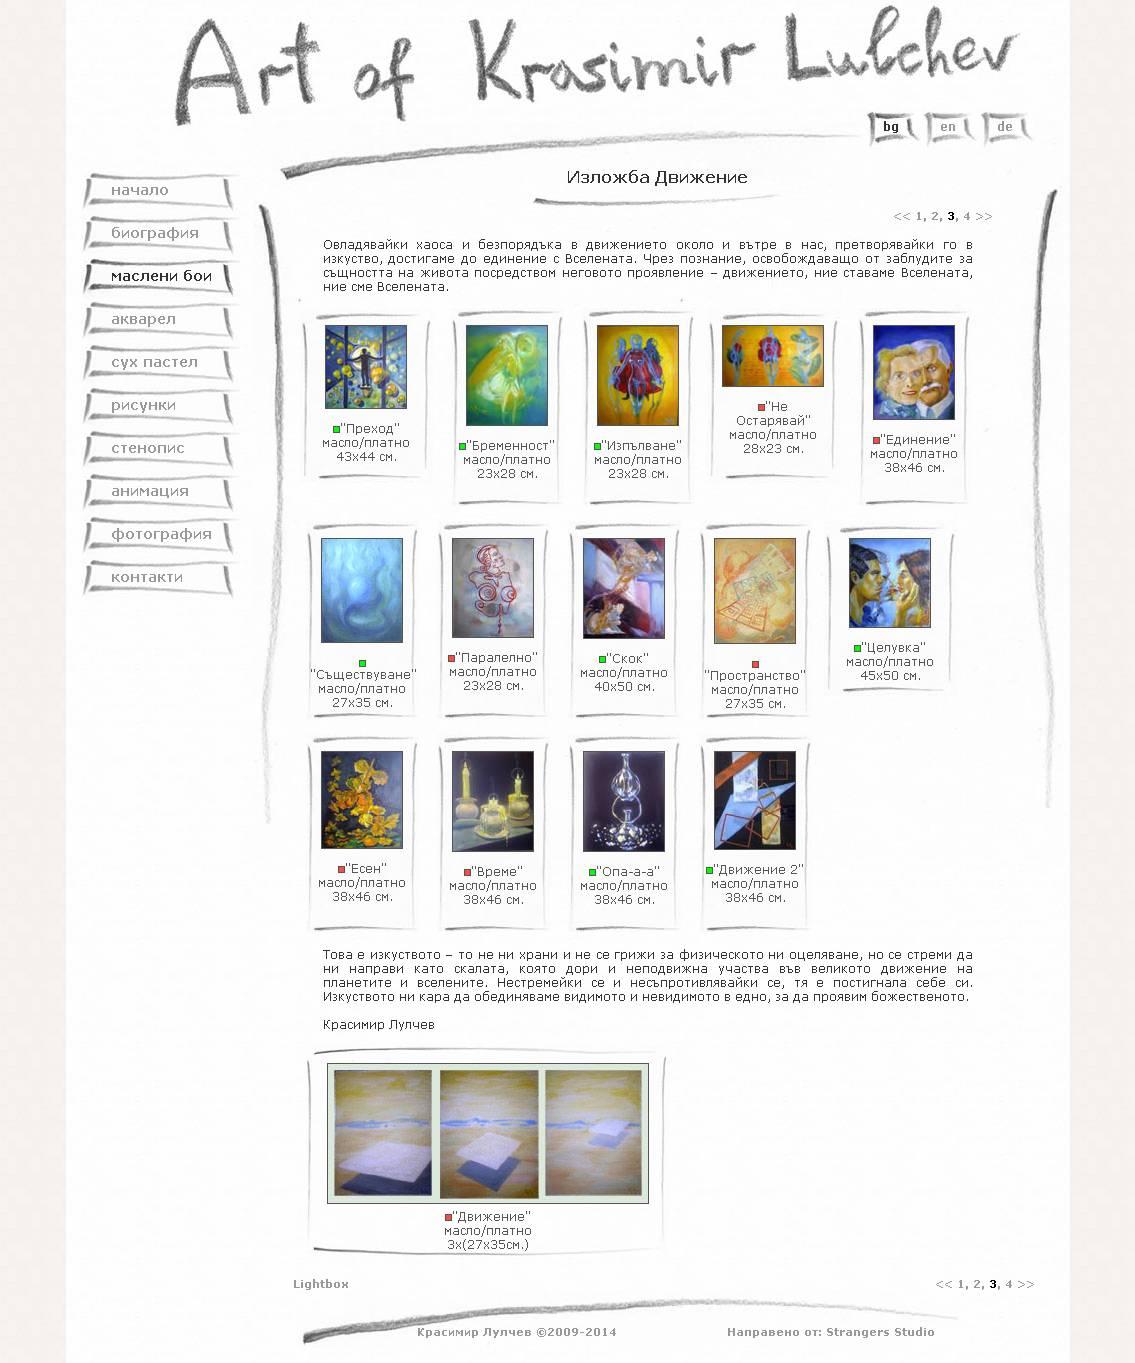 Художествен уеб сайт на Красимир Лулчев - галерия